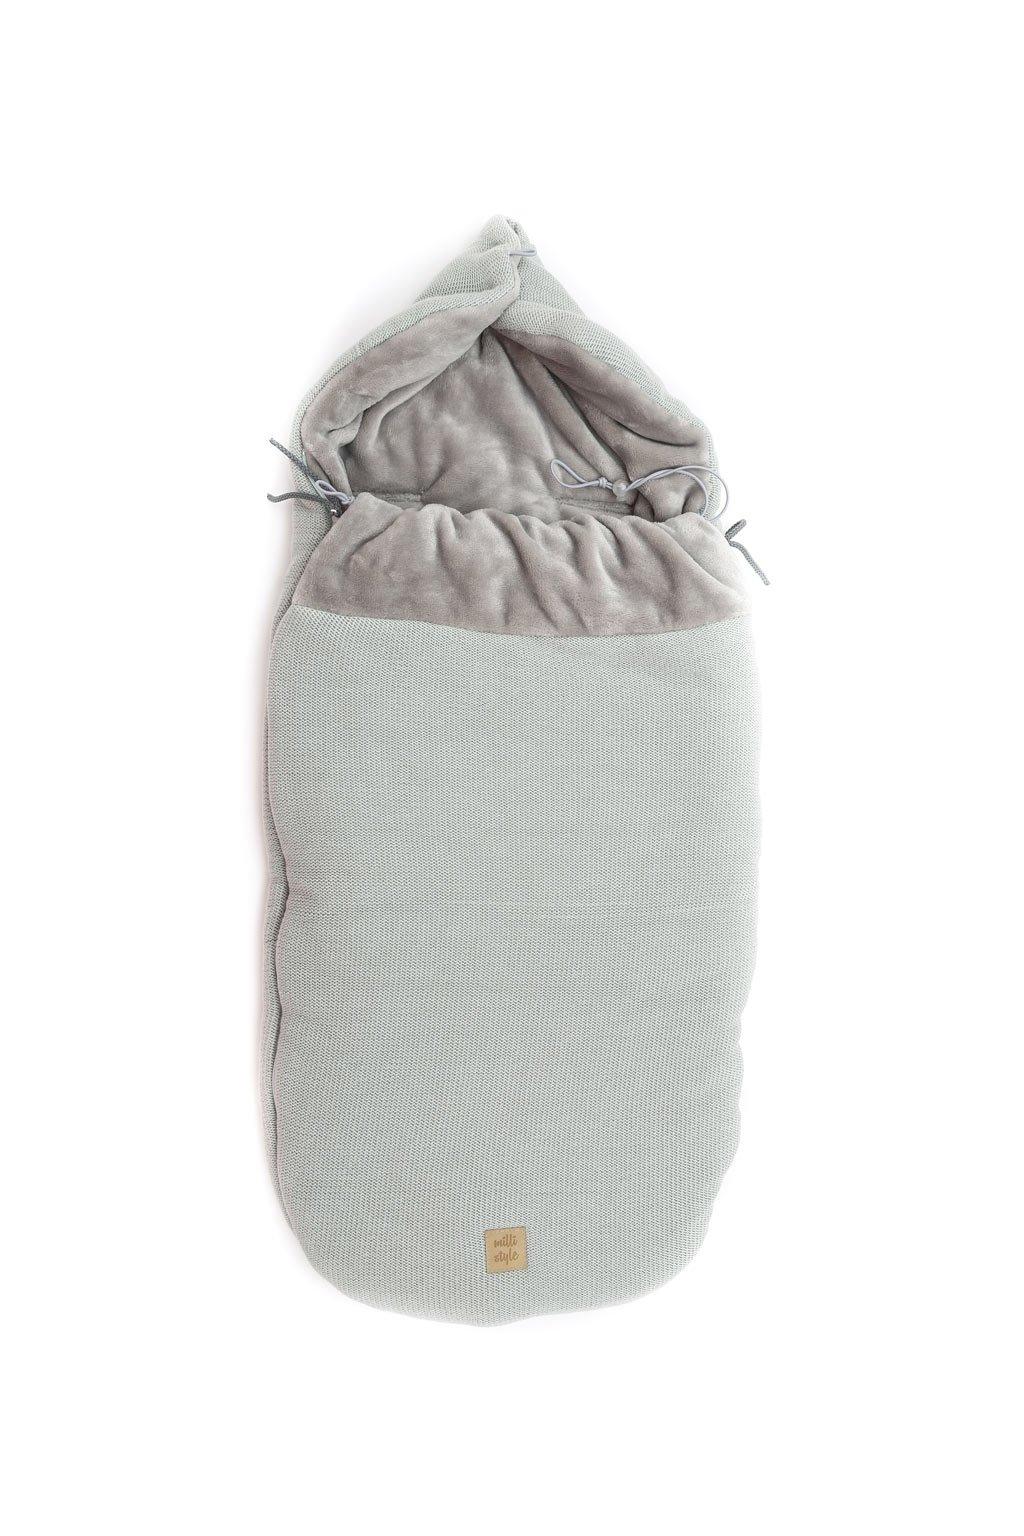 Zimni Fusak Milli Style s koziskem sedy 2